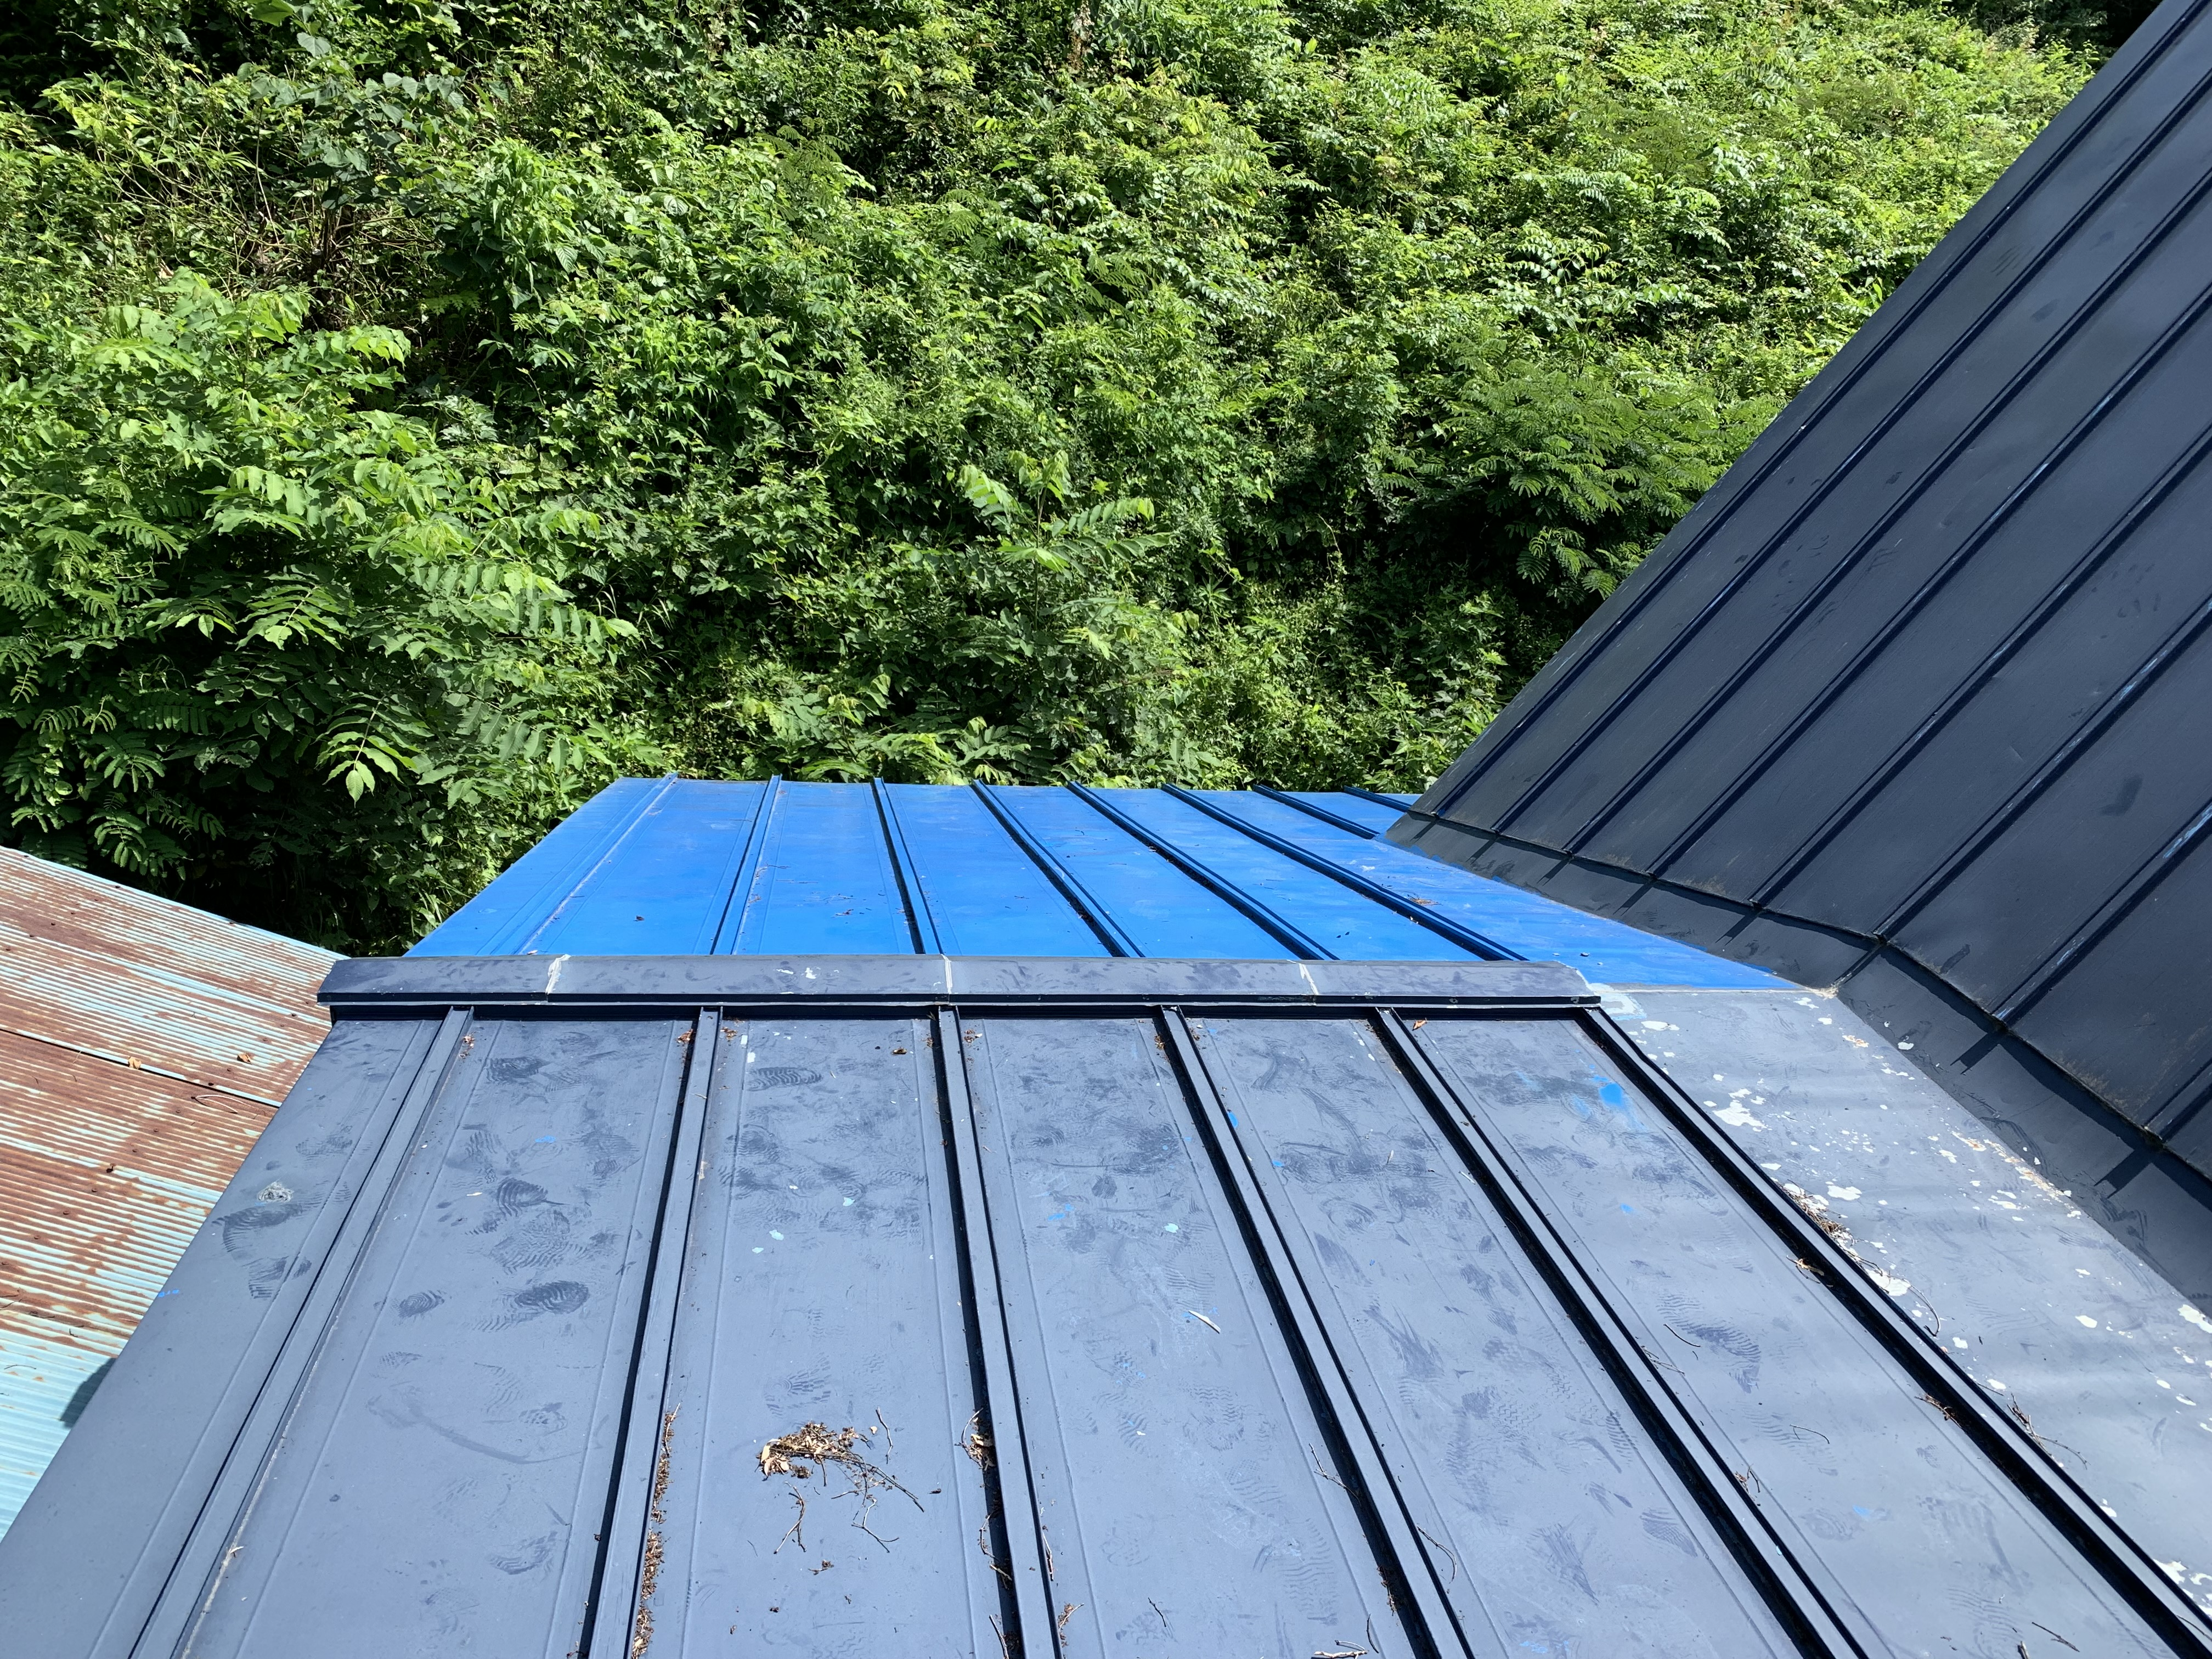 【八戸】屋根塗装工事が完工しました! 内外装リフォーム|屋根塗装|塗装業者|塗装屋|塗装会社